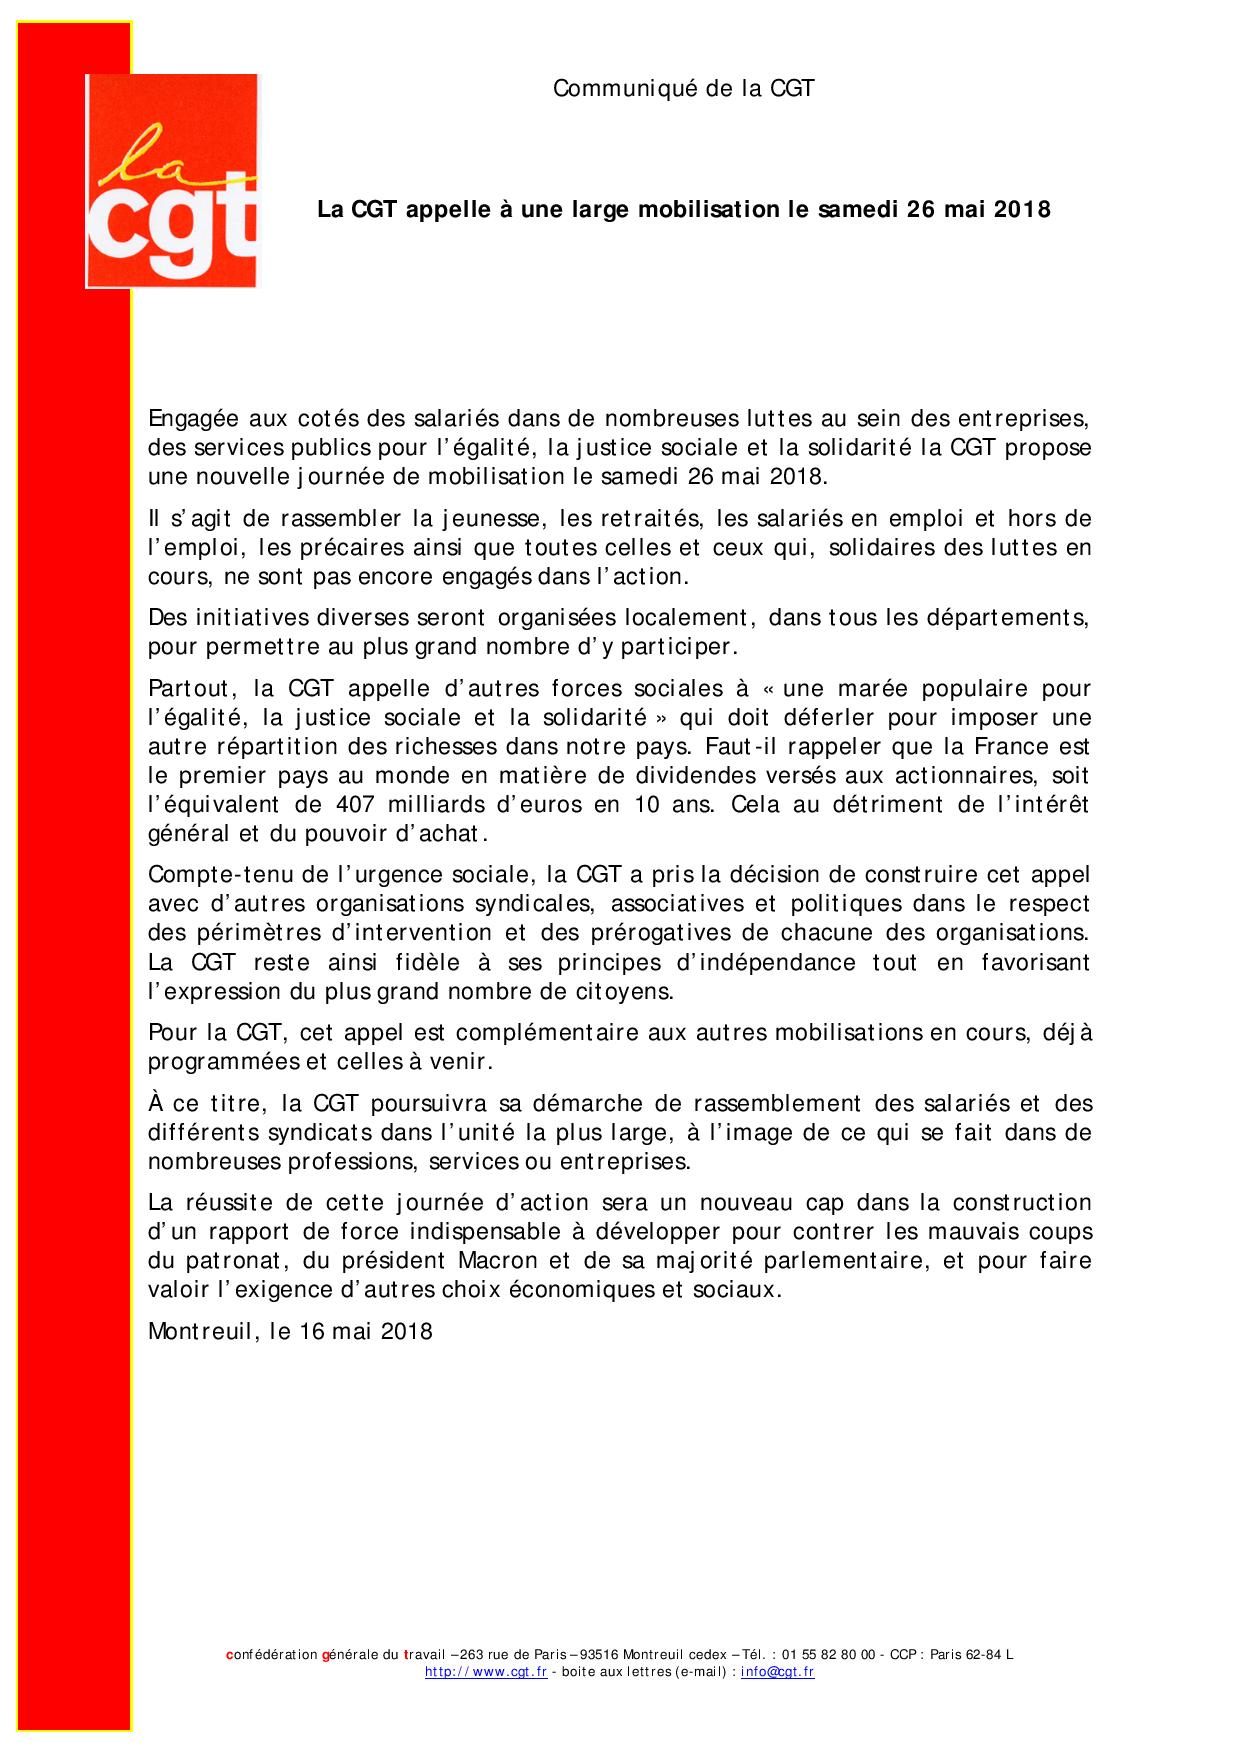 maree_populaire_26_mai_gare_de_l_est_14h30-_communiques_tract_affiche-page-001.jpg